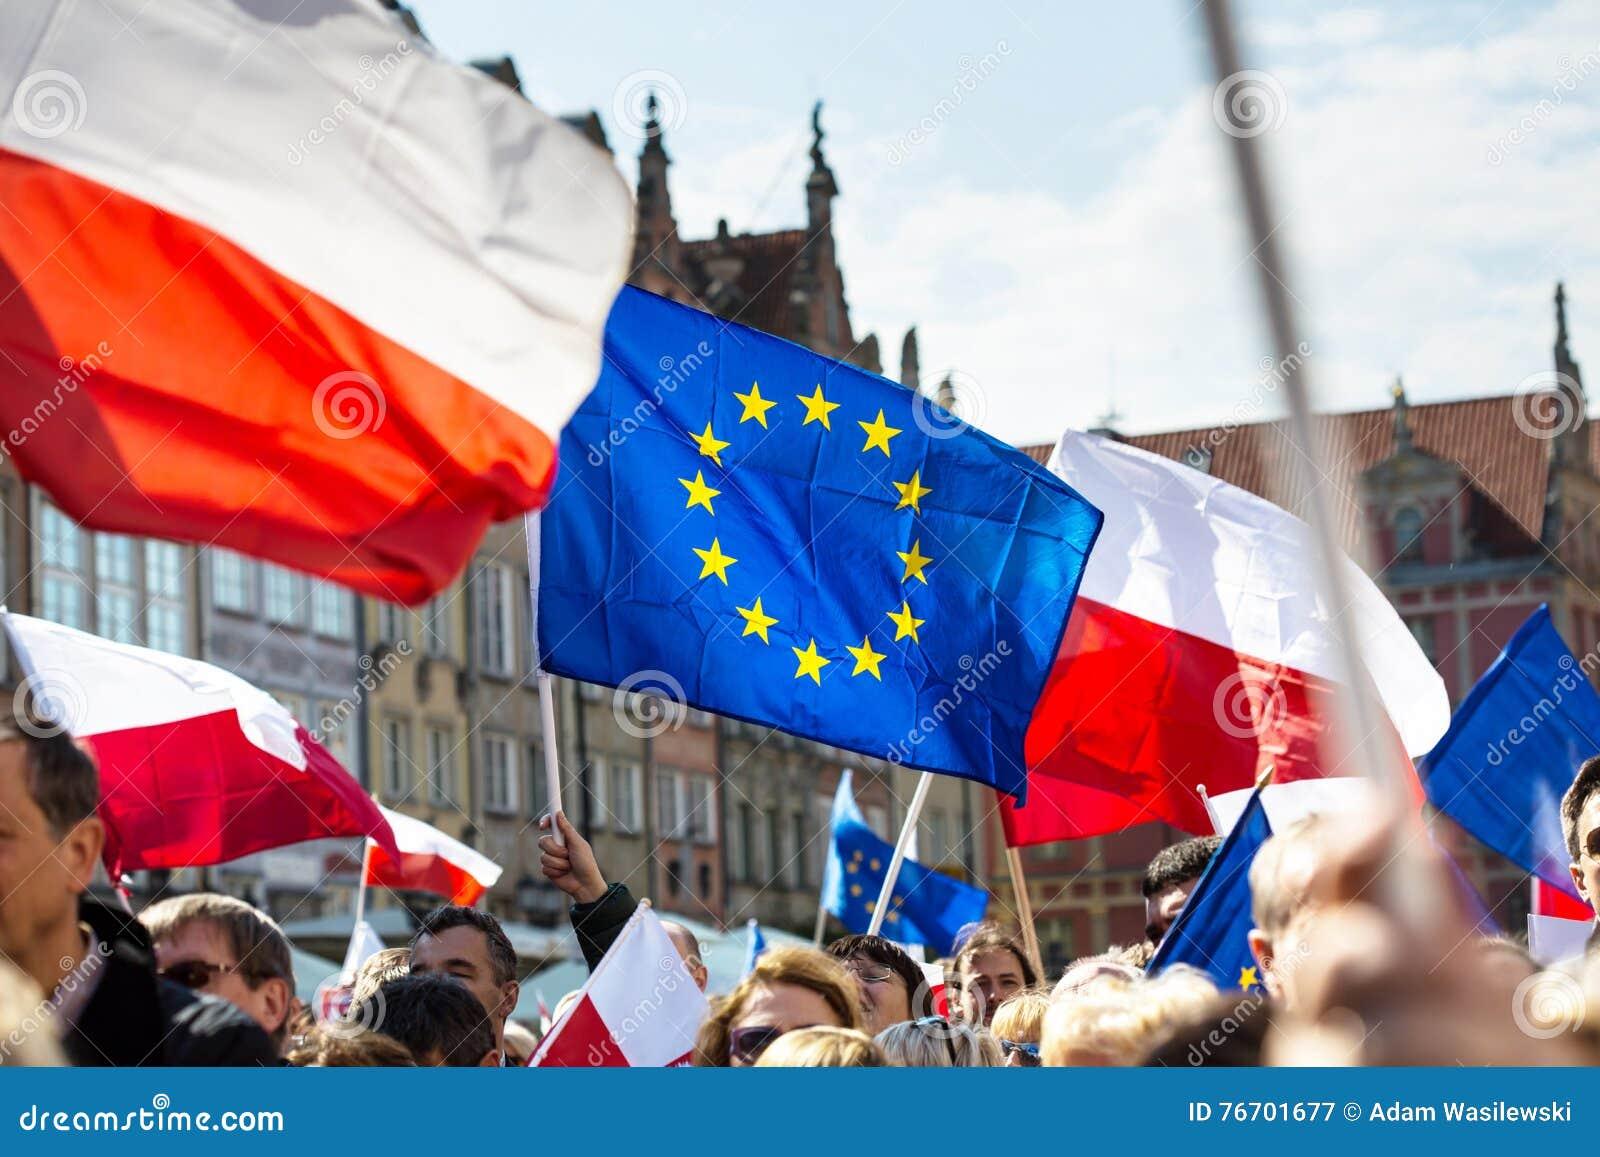 Gdansk Polen, 05 03 2016 - folk med flaggor av europeisk union